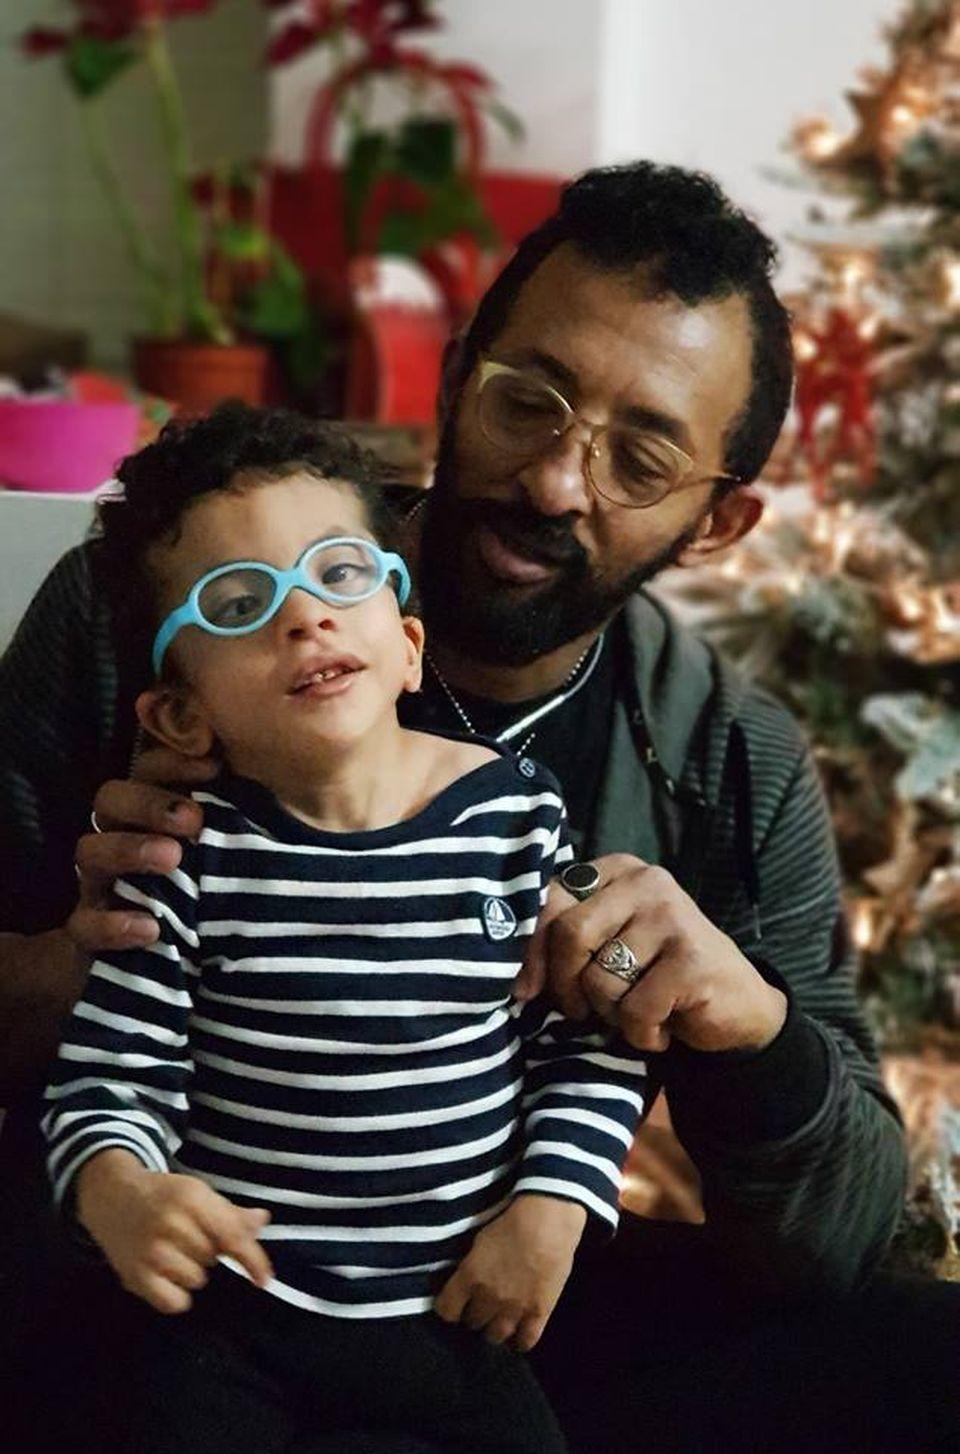 Emoționant! Băiețelul lui Kamara a fost internat în spital în Turcia! Micuțul a început tratamentul cu celulele stem! Avem primele imagini